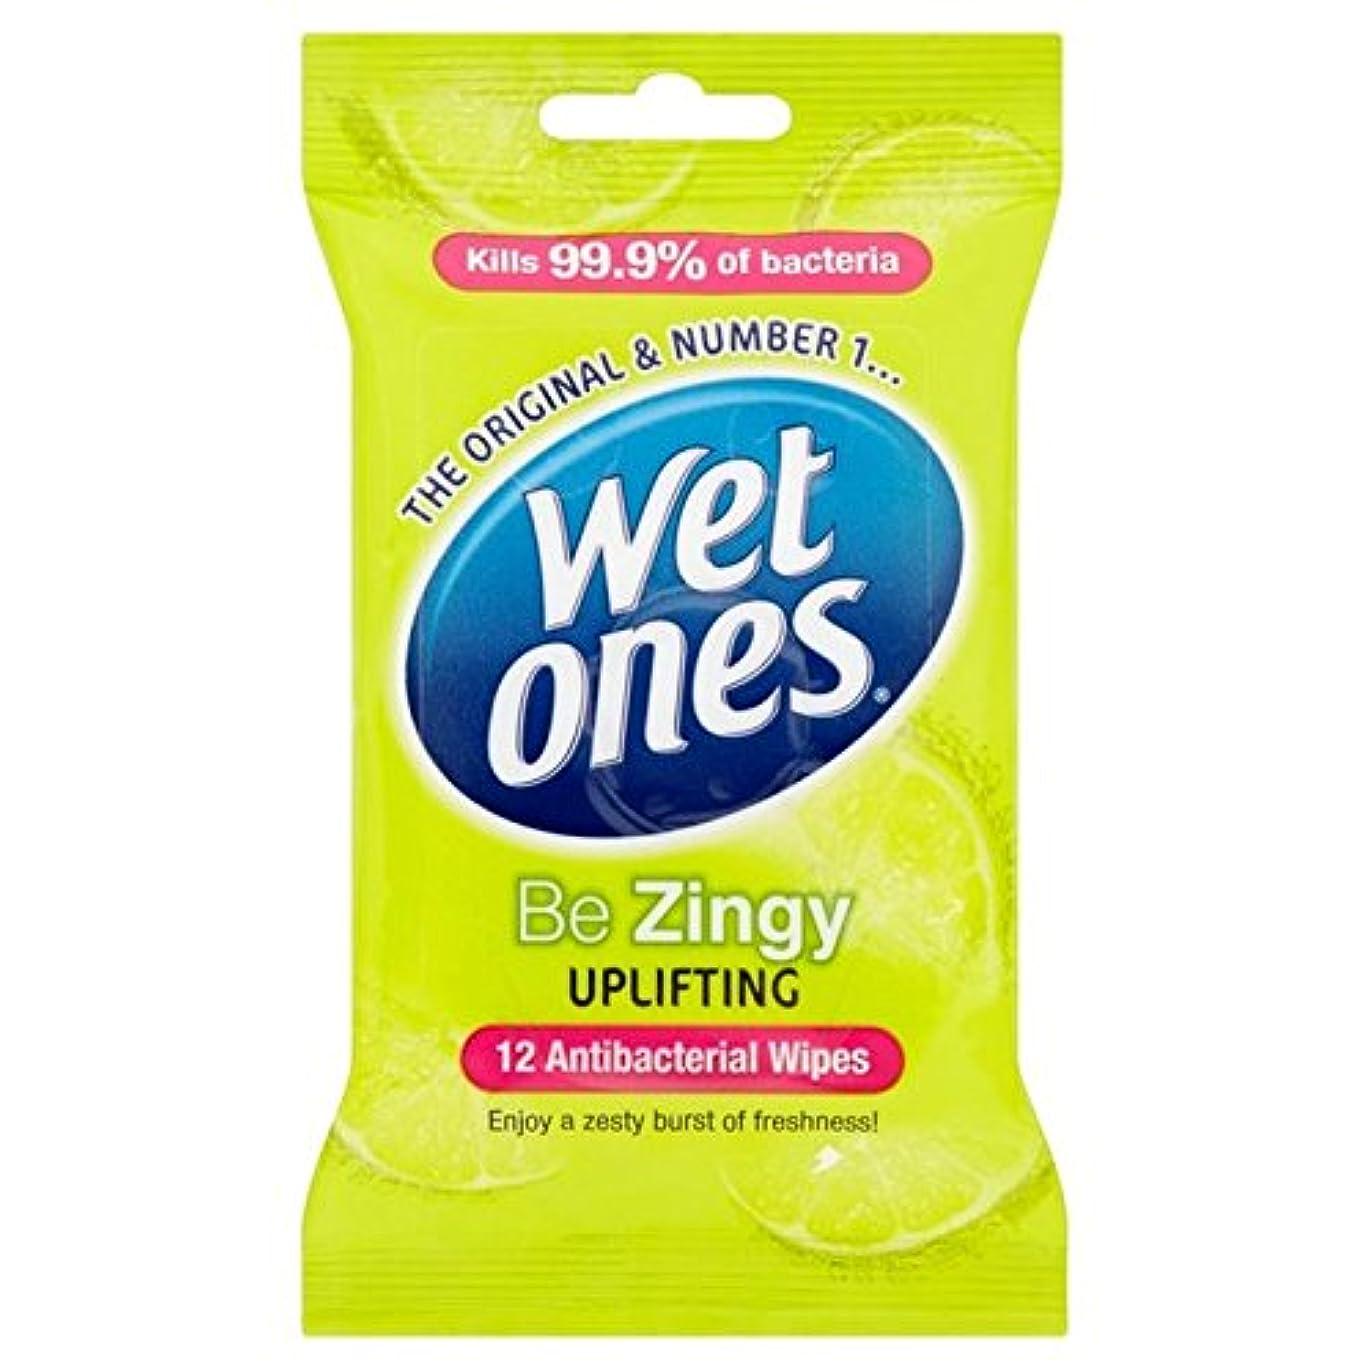 学ぶ謎めいた遊具抗バクテリアをクレンジング湿ったものはパックごとに12ワイプ x4 - Wet Ones Cleansing Anti Bacterial Wipes 12 per pack (Pack of 4) [並行輸入品]